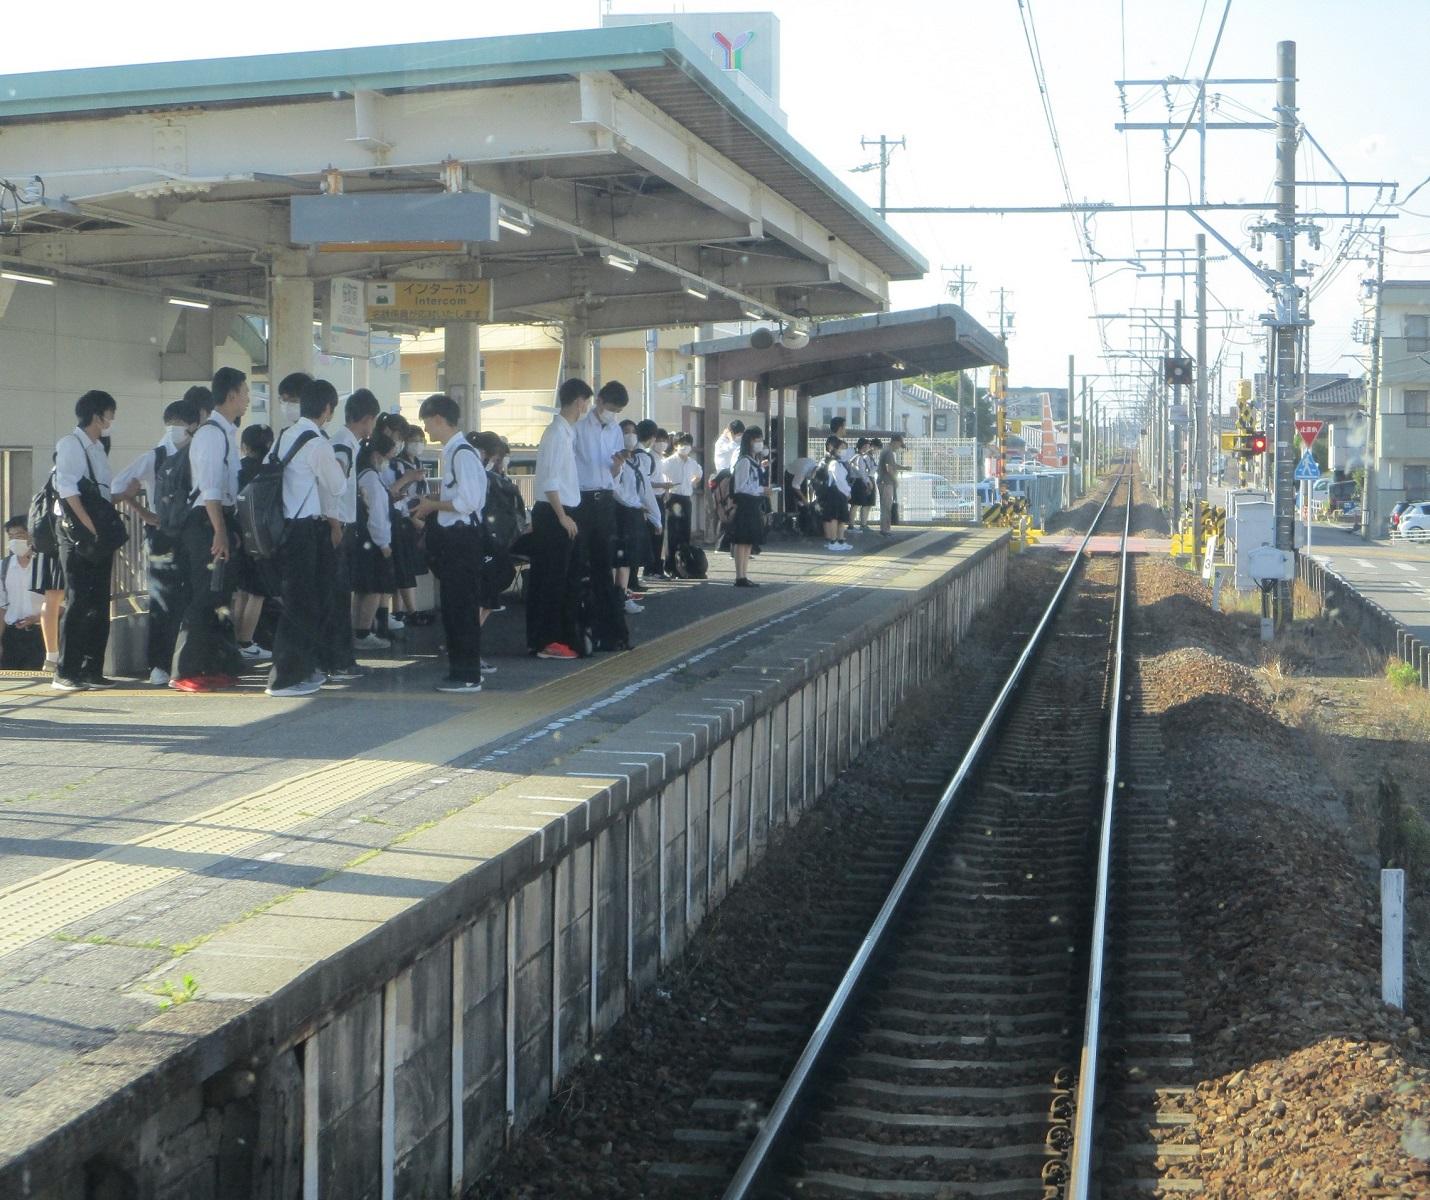 2020.5.29 (34) しんあんじょういきふつう - 桜町前 1430-1200